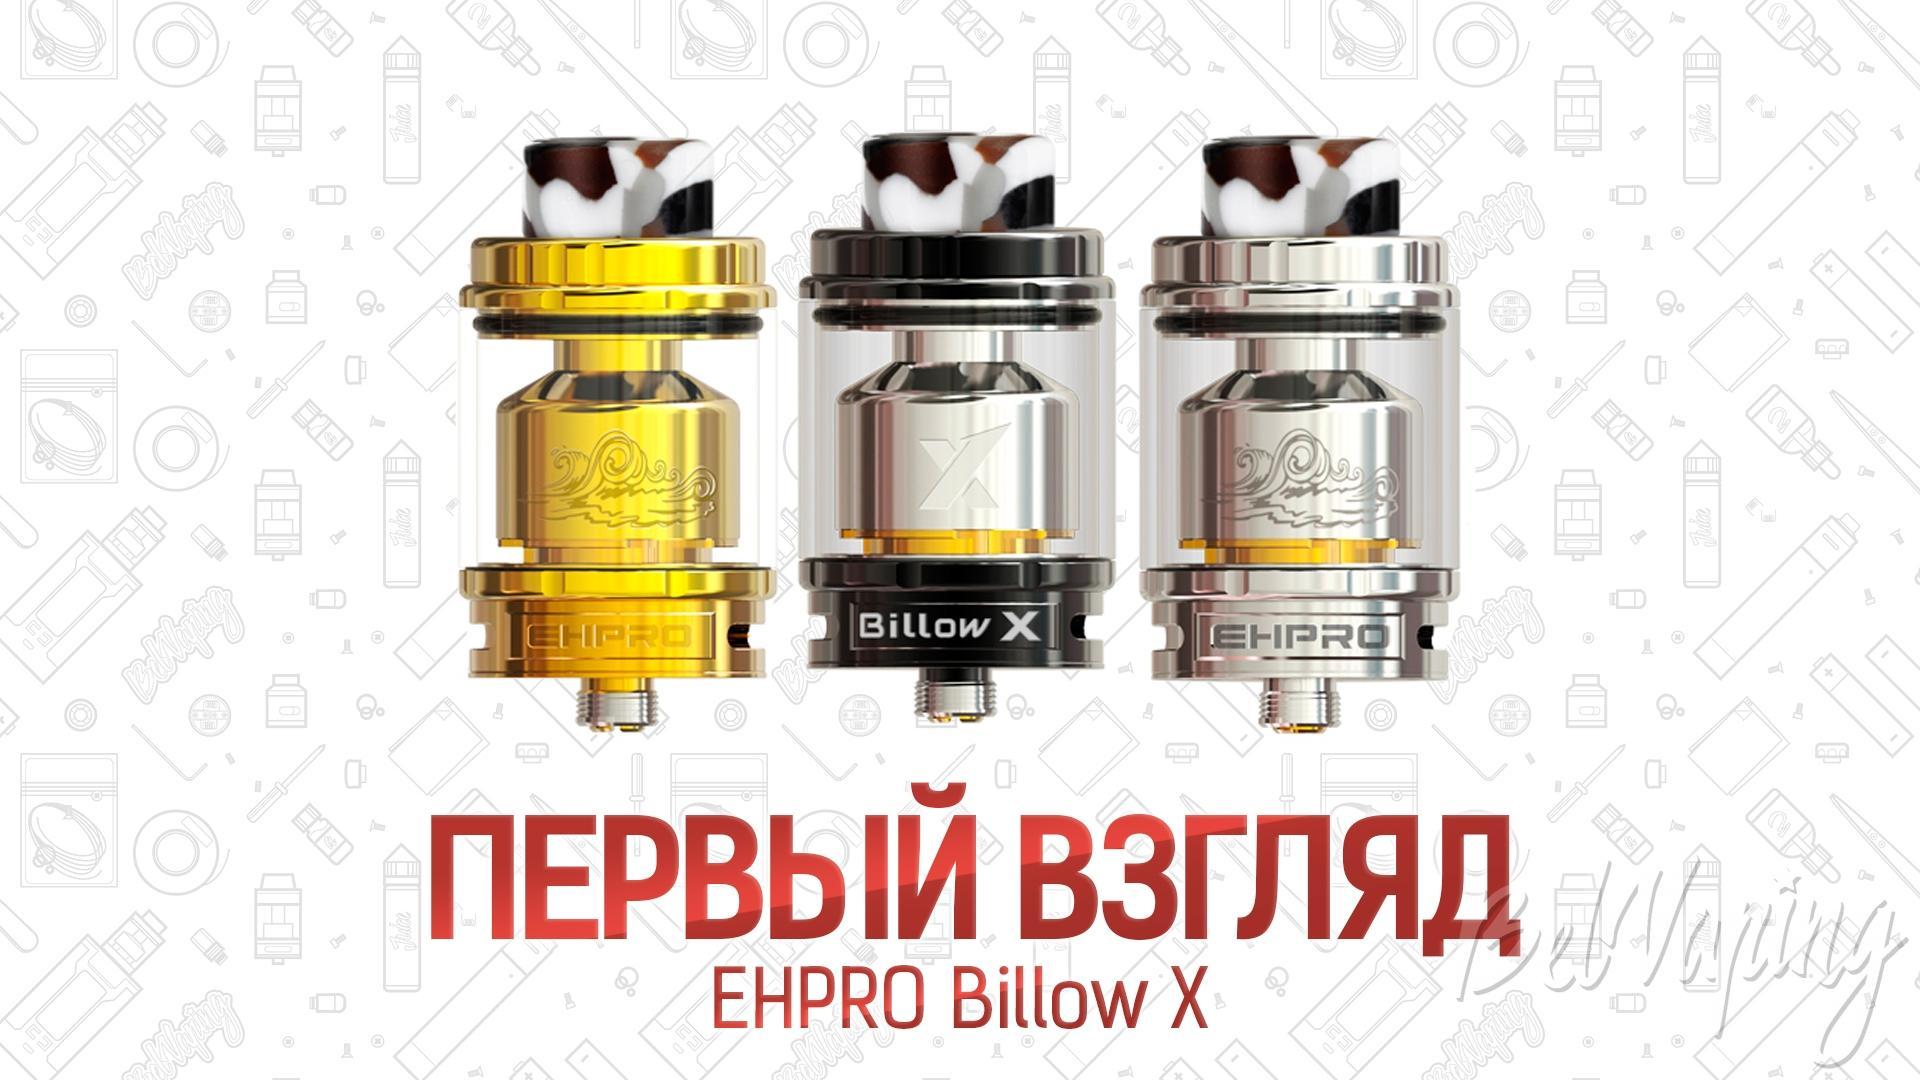 EHPRO Billow X. Первый взгляд